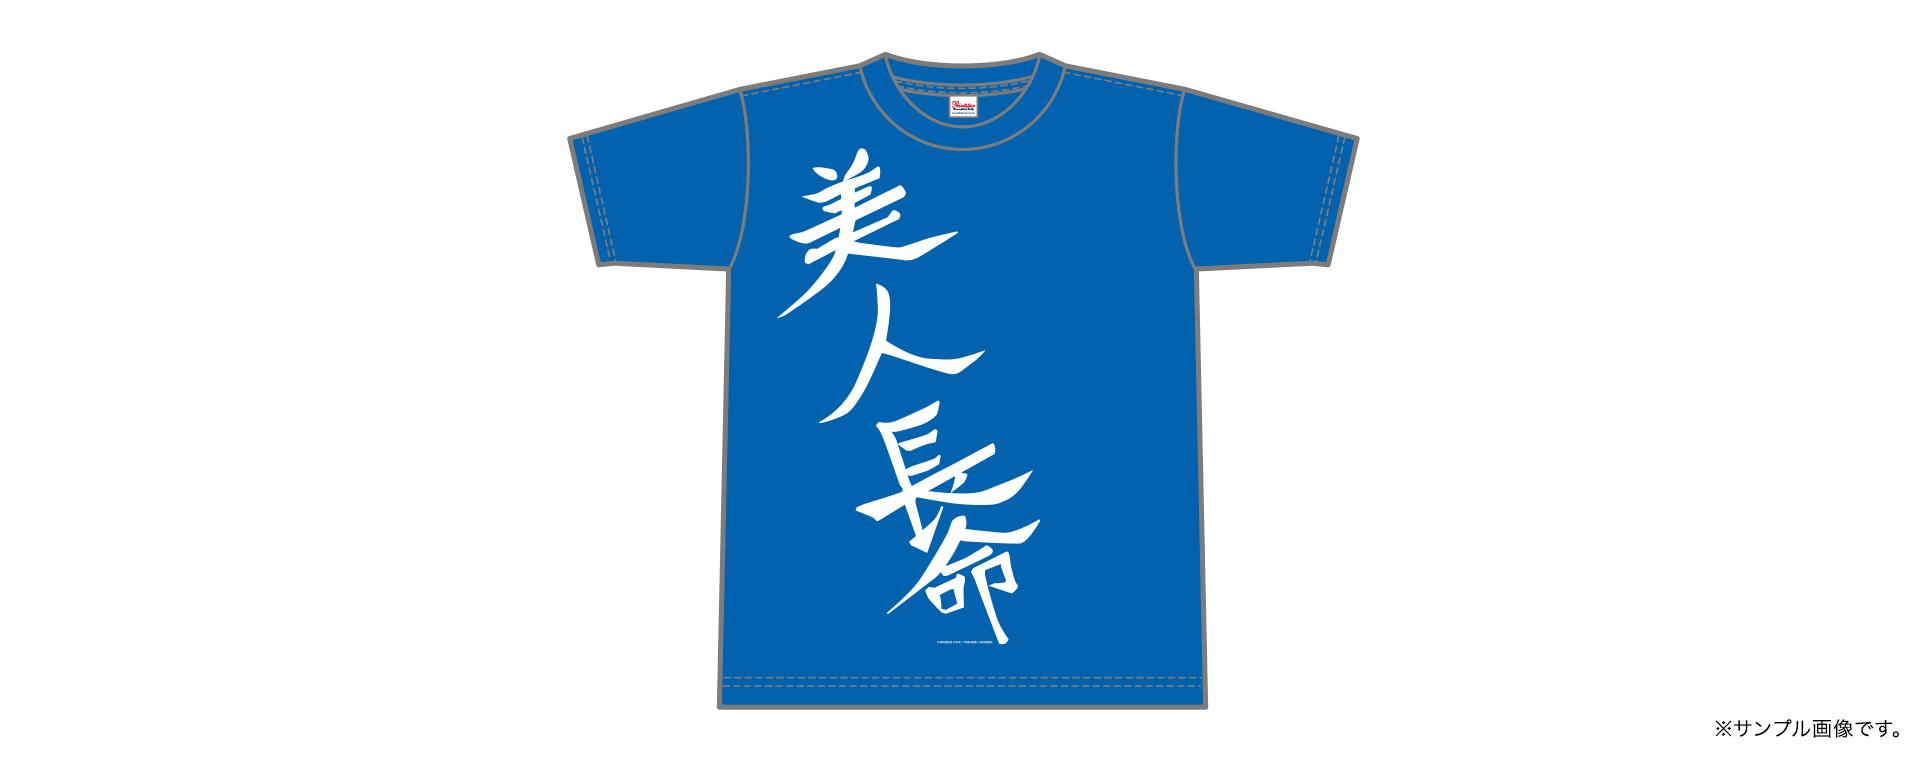 弁天「美人長命」Tシャツのサンプル画像